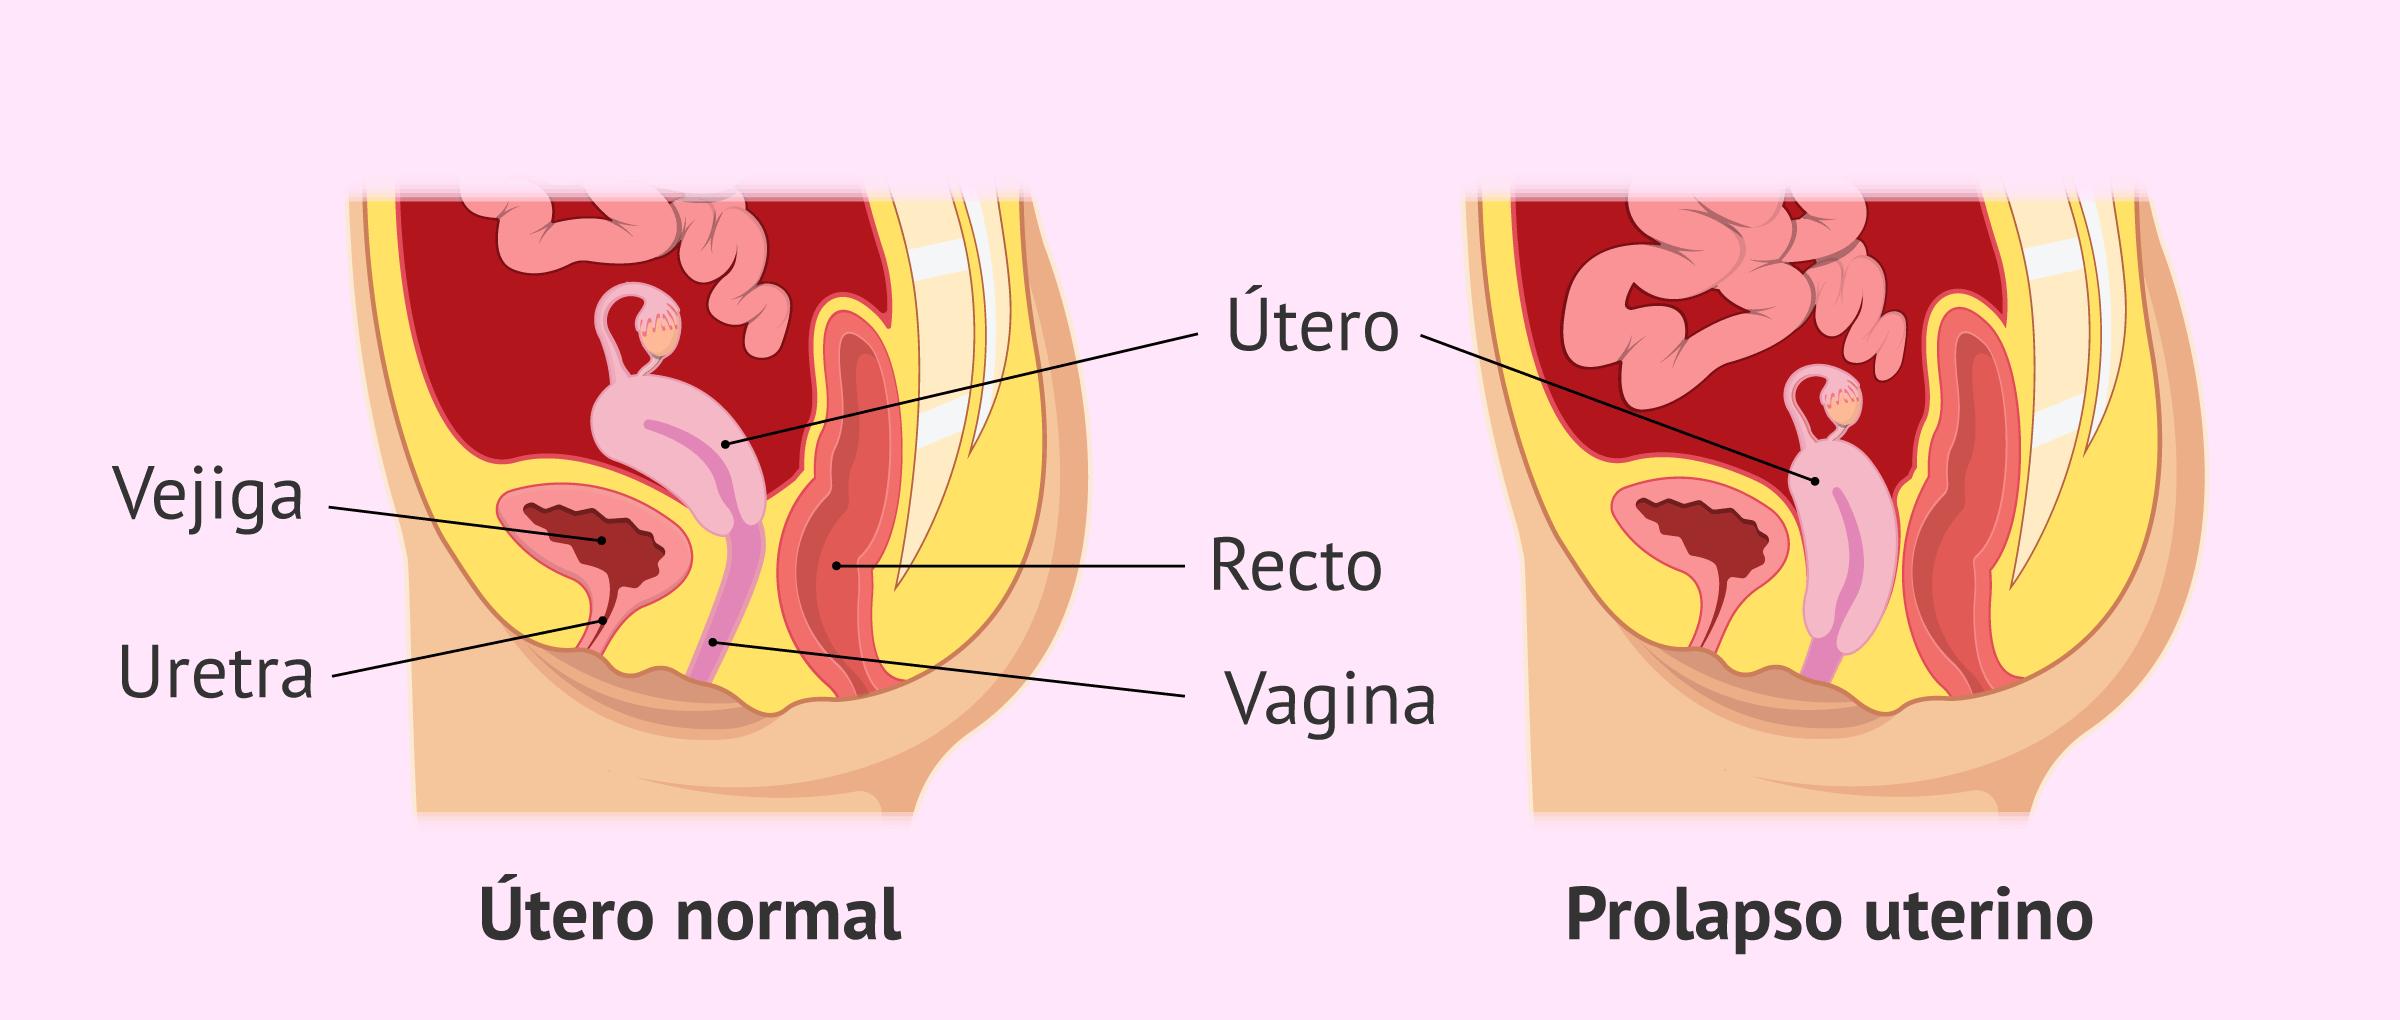 ¿Qué es el prolapso uterino? - Causas, síntomas y tratamiento